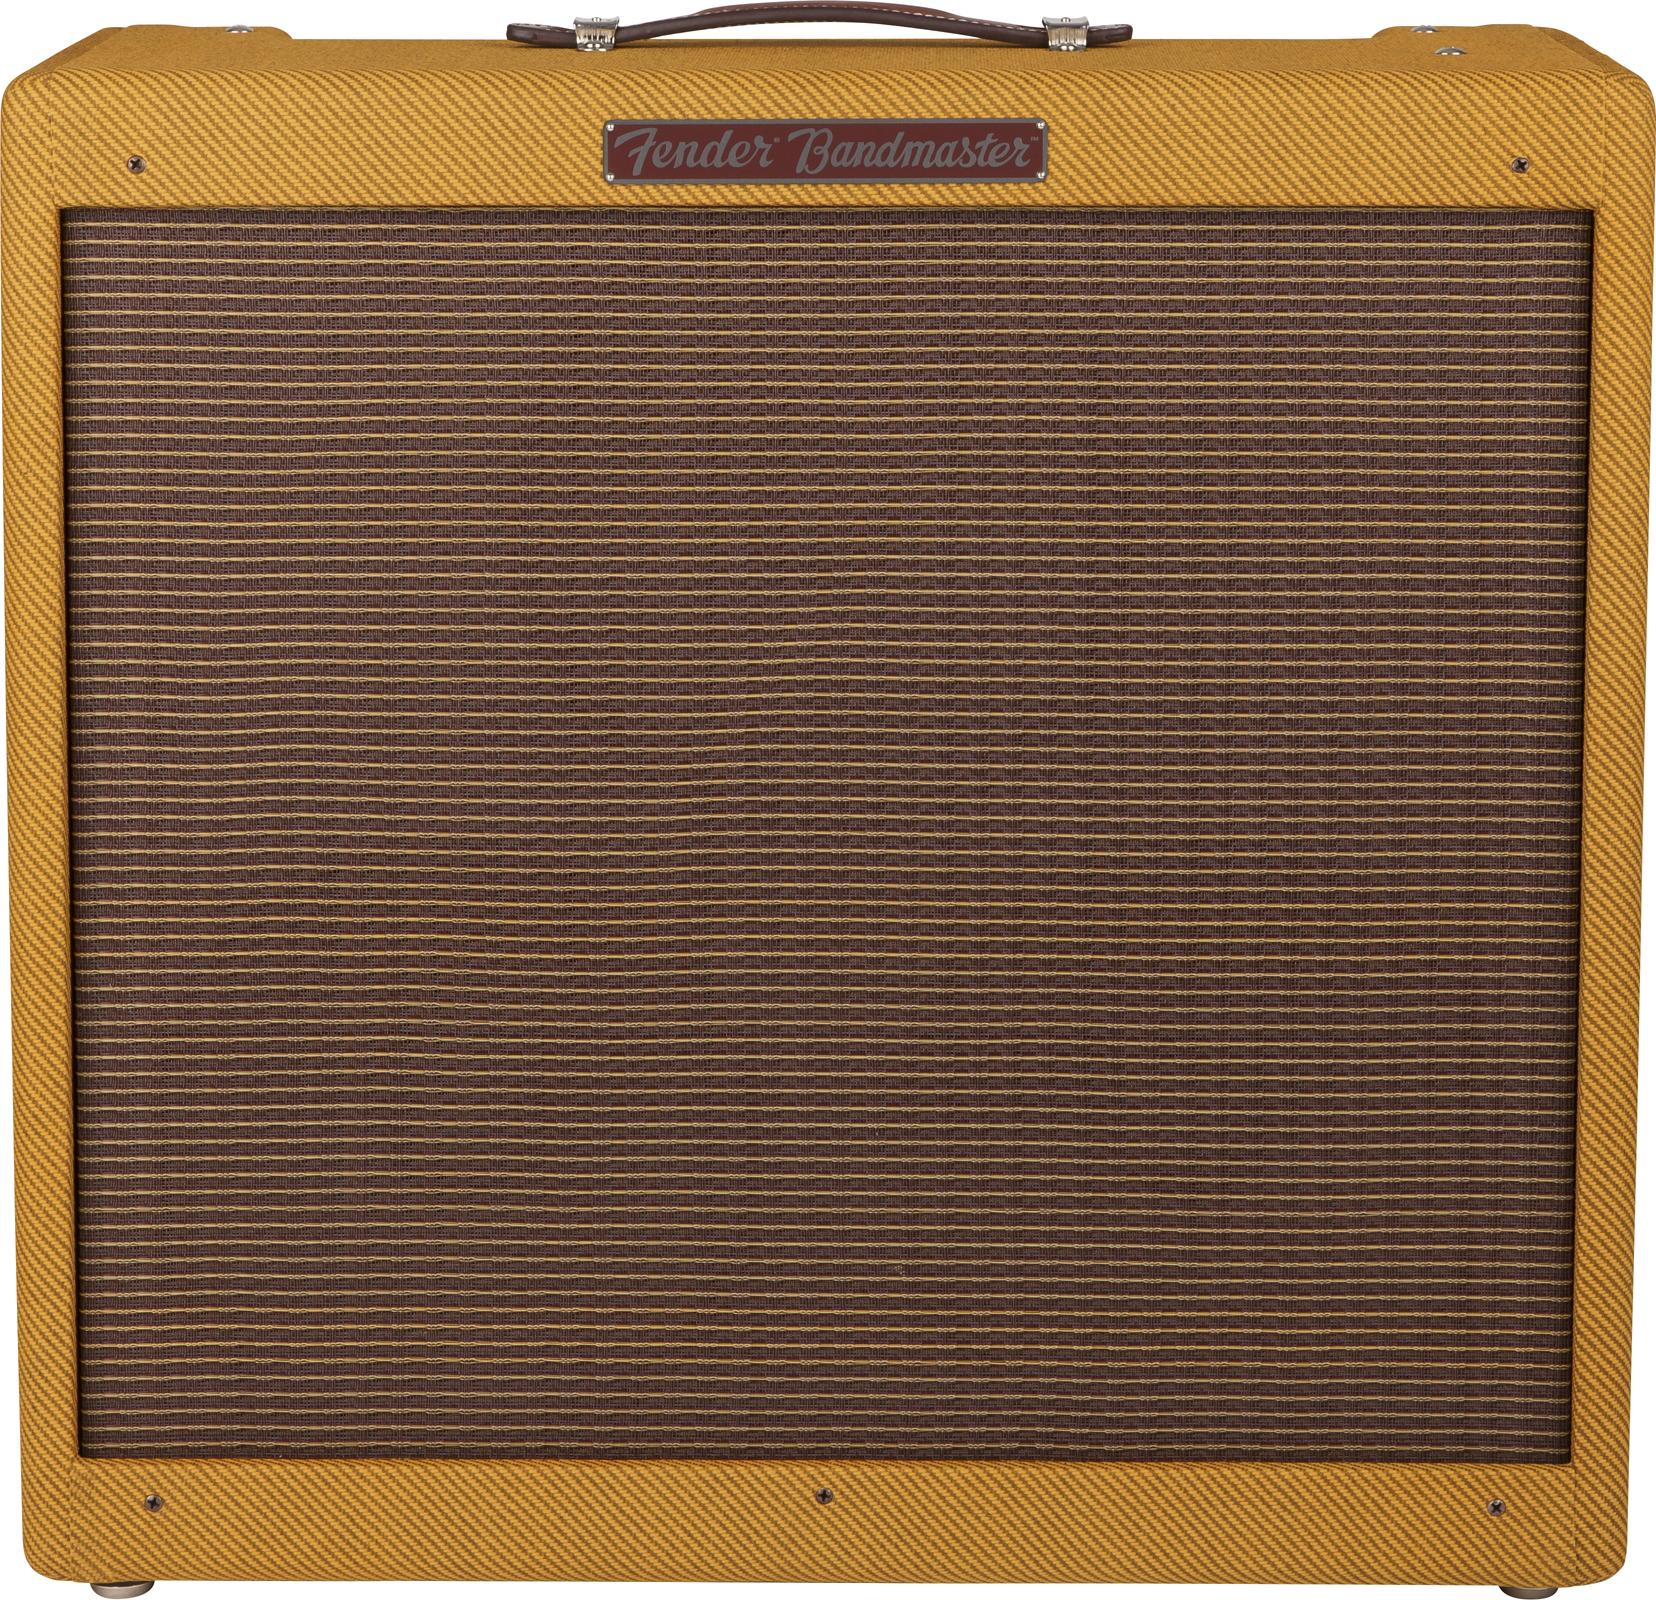 NAMM 2013: Fender Releases '57 Bandmaster, Mustang V 2 and